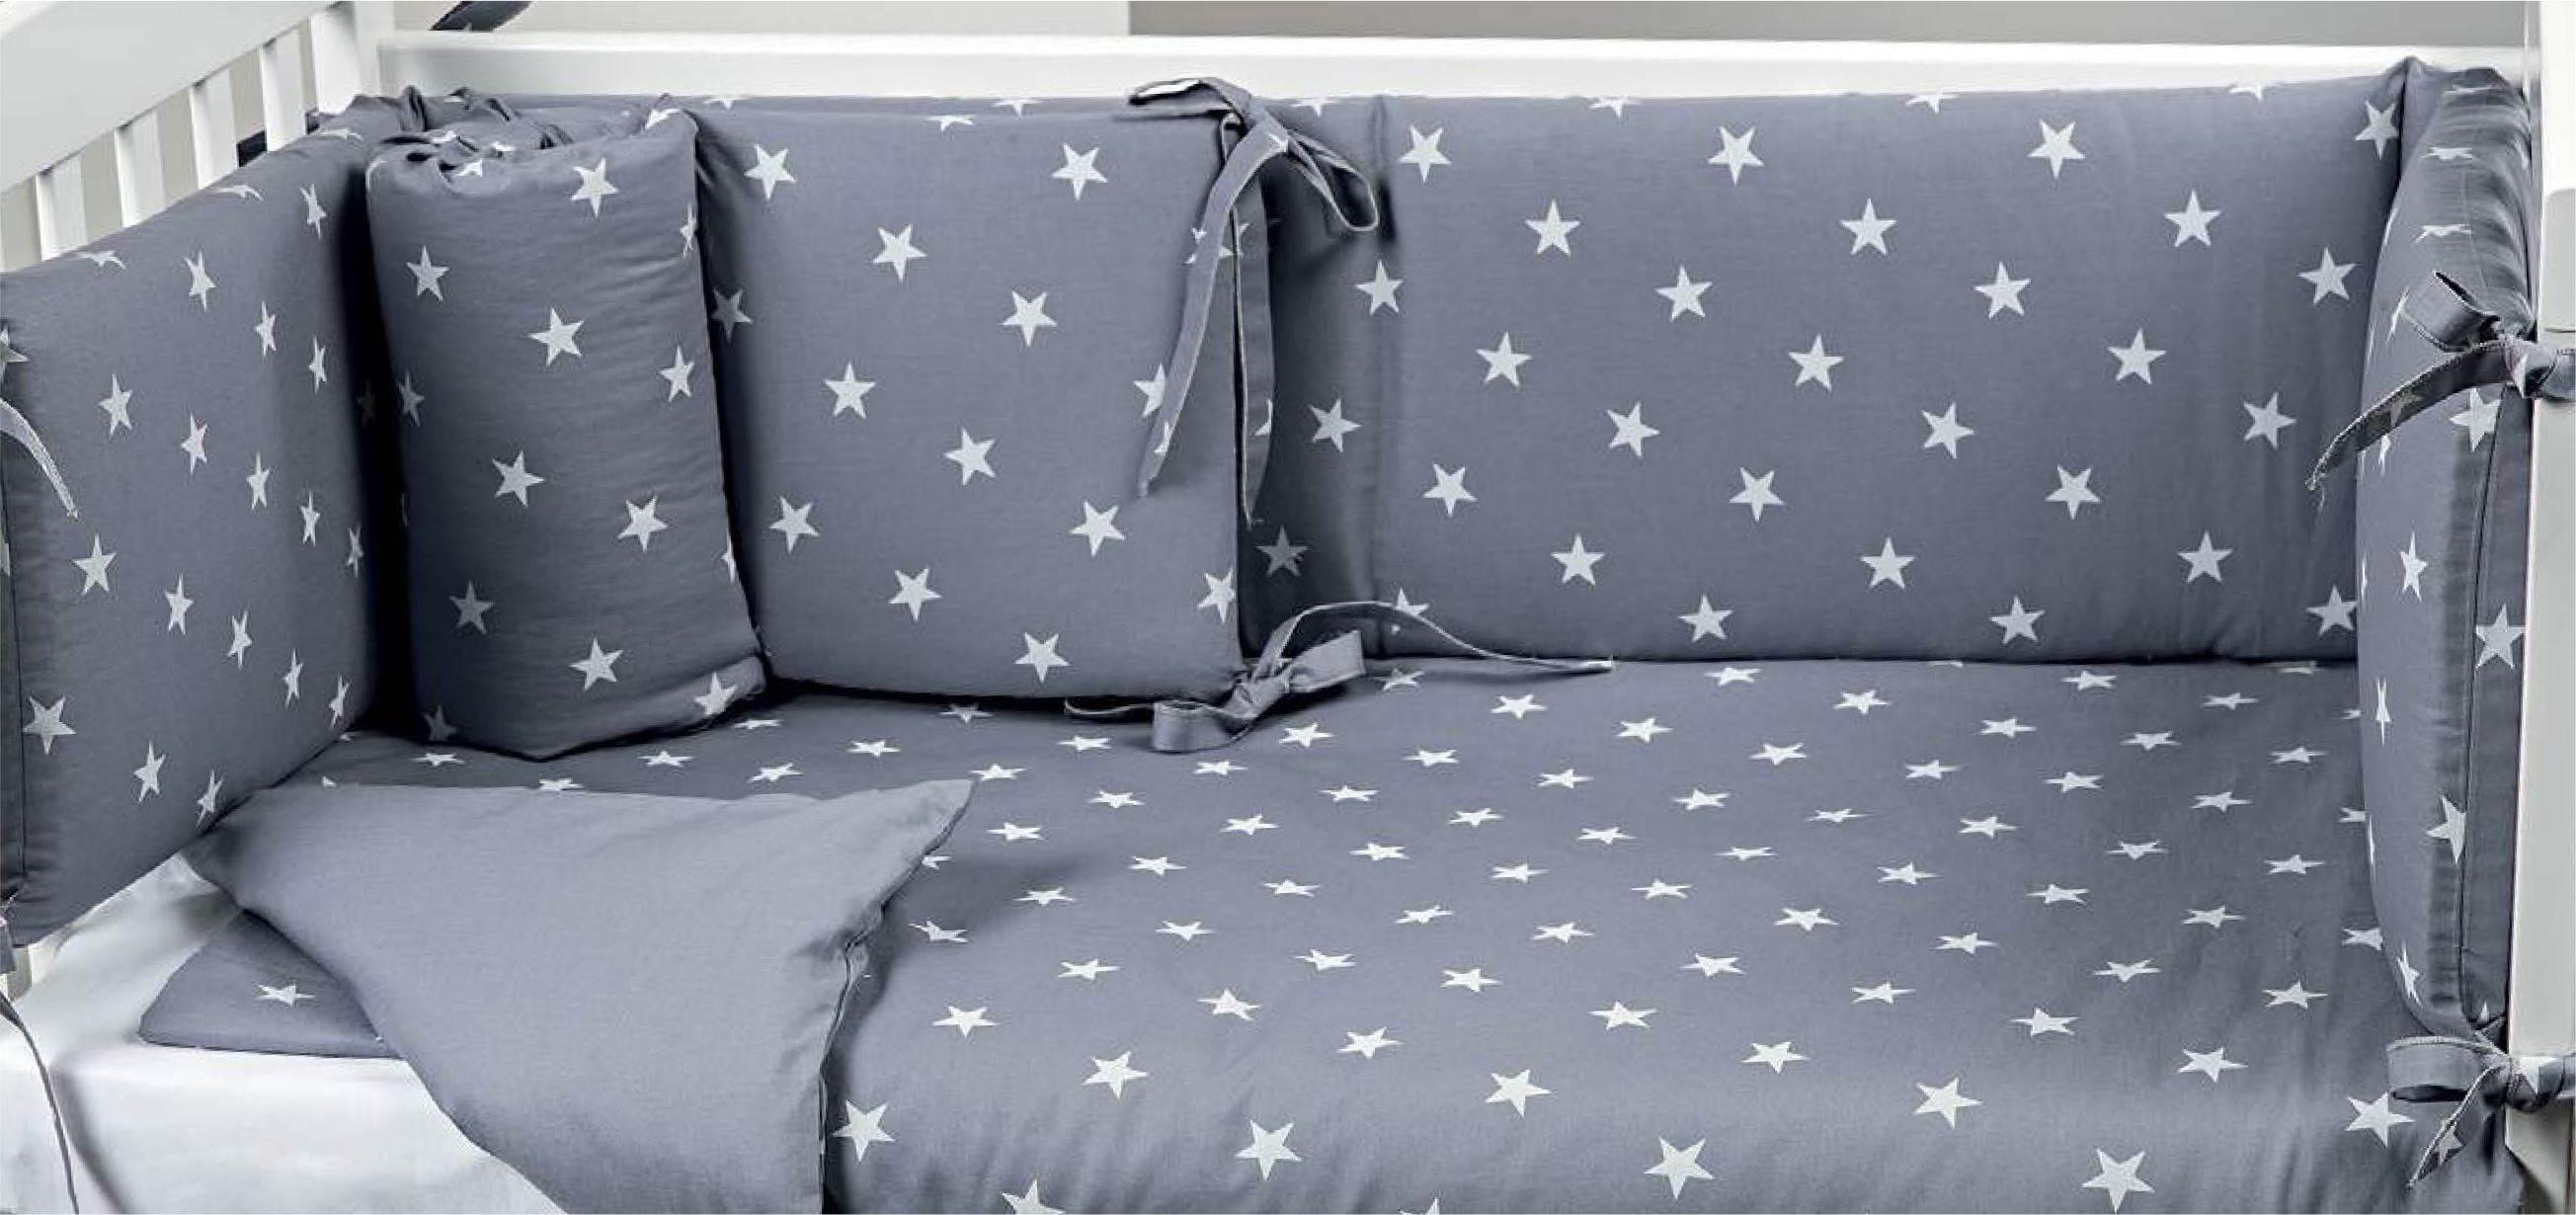 Estrellas gris oscuro